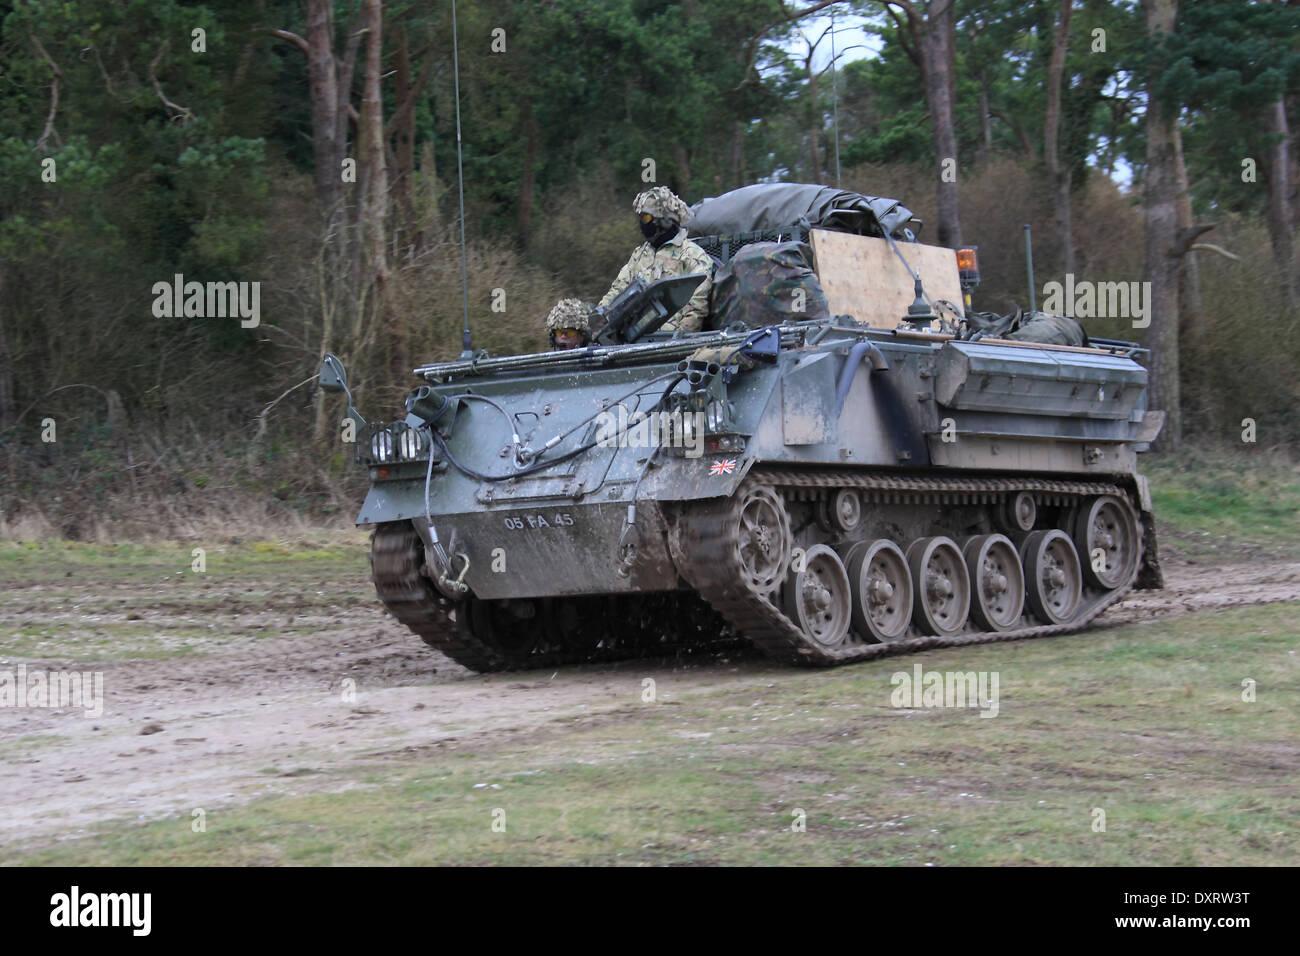 AFV432 APC on exercise on Salisbury Plain Training Area . - Stock Image